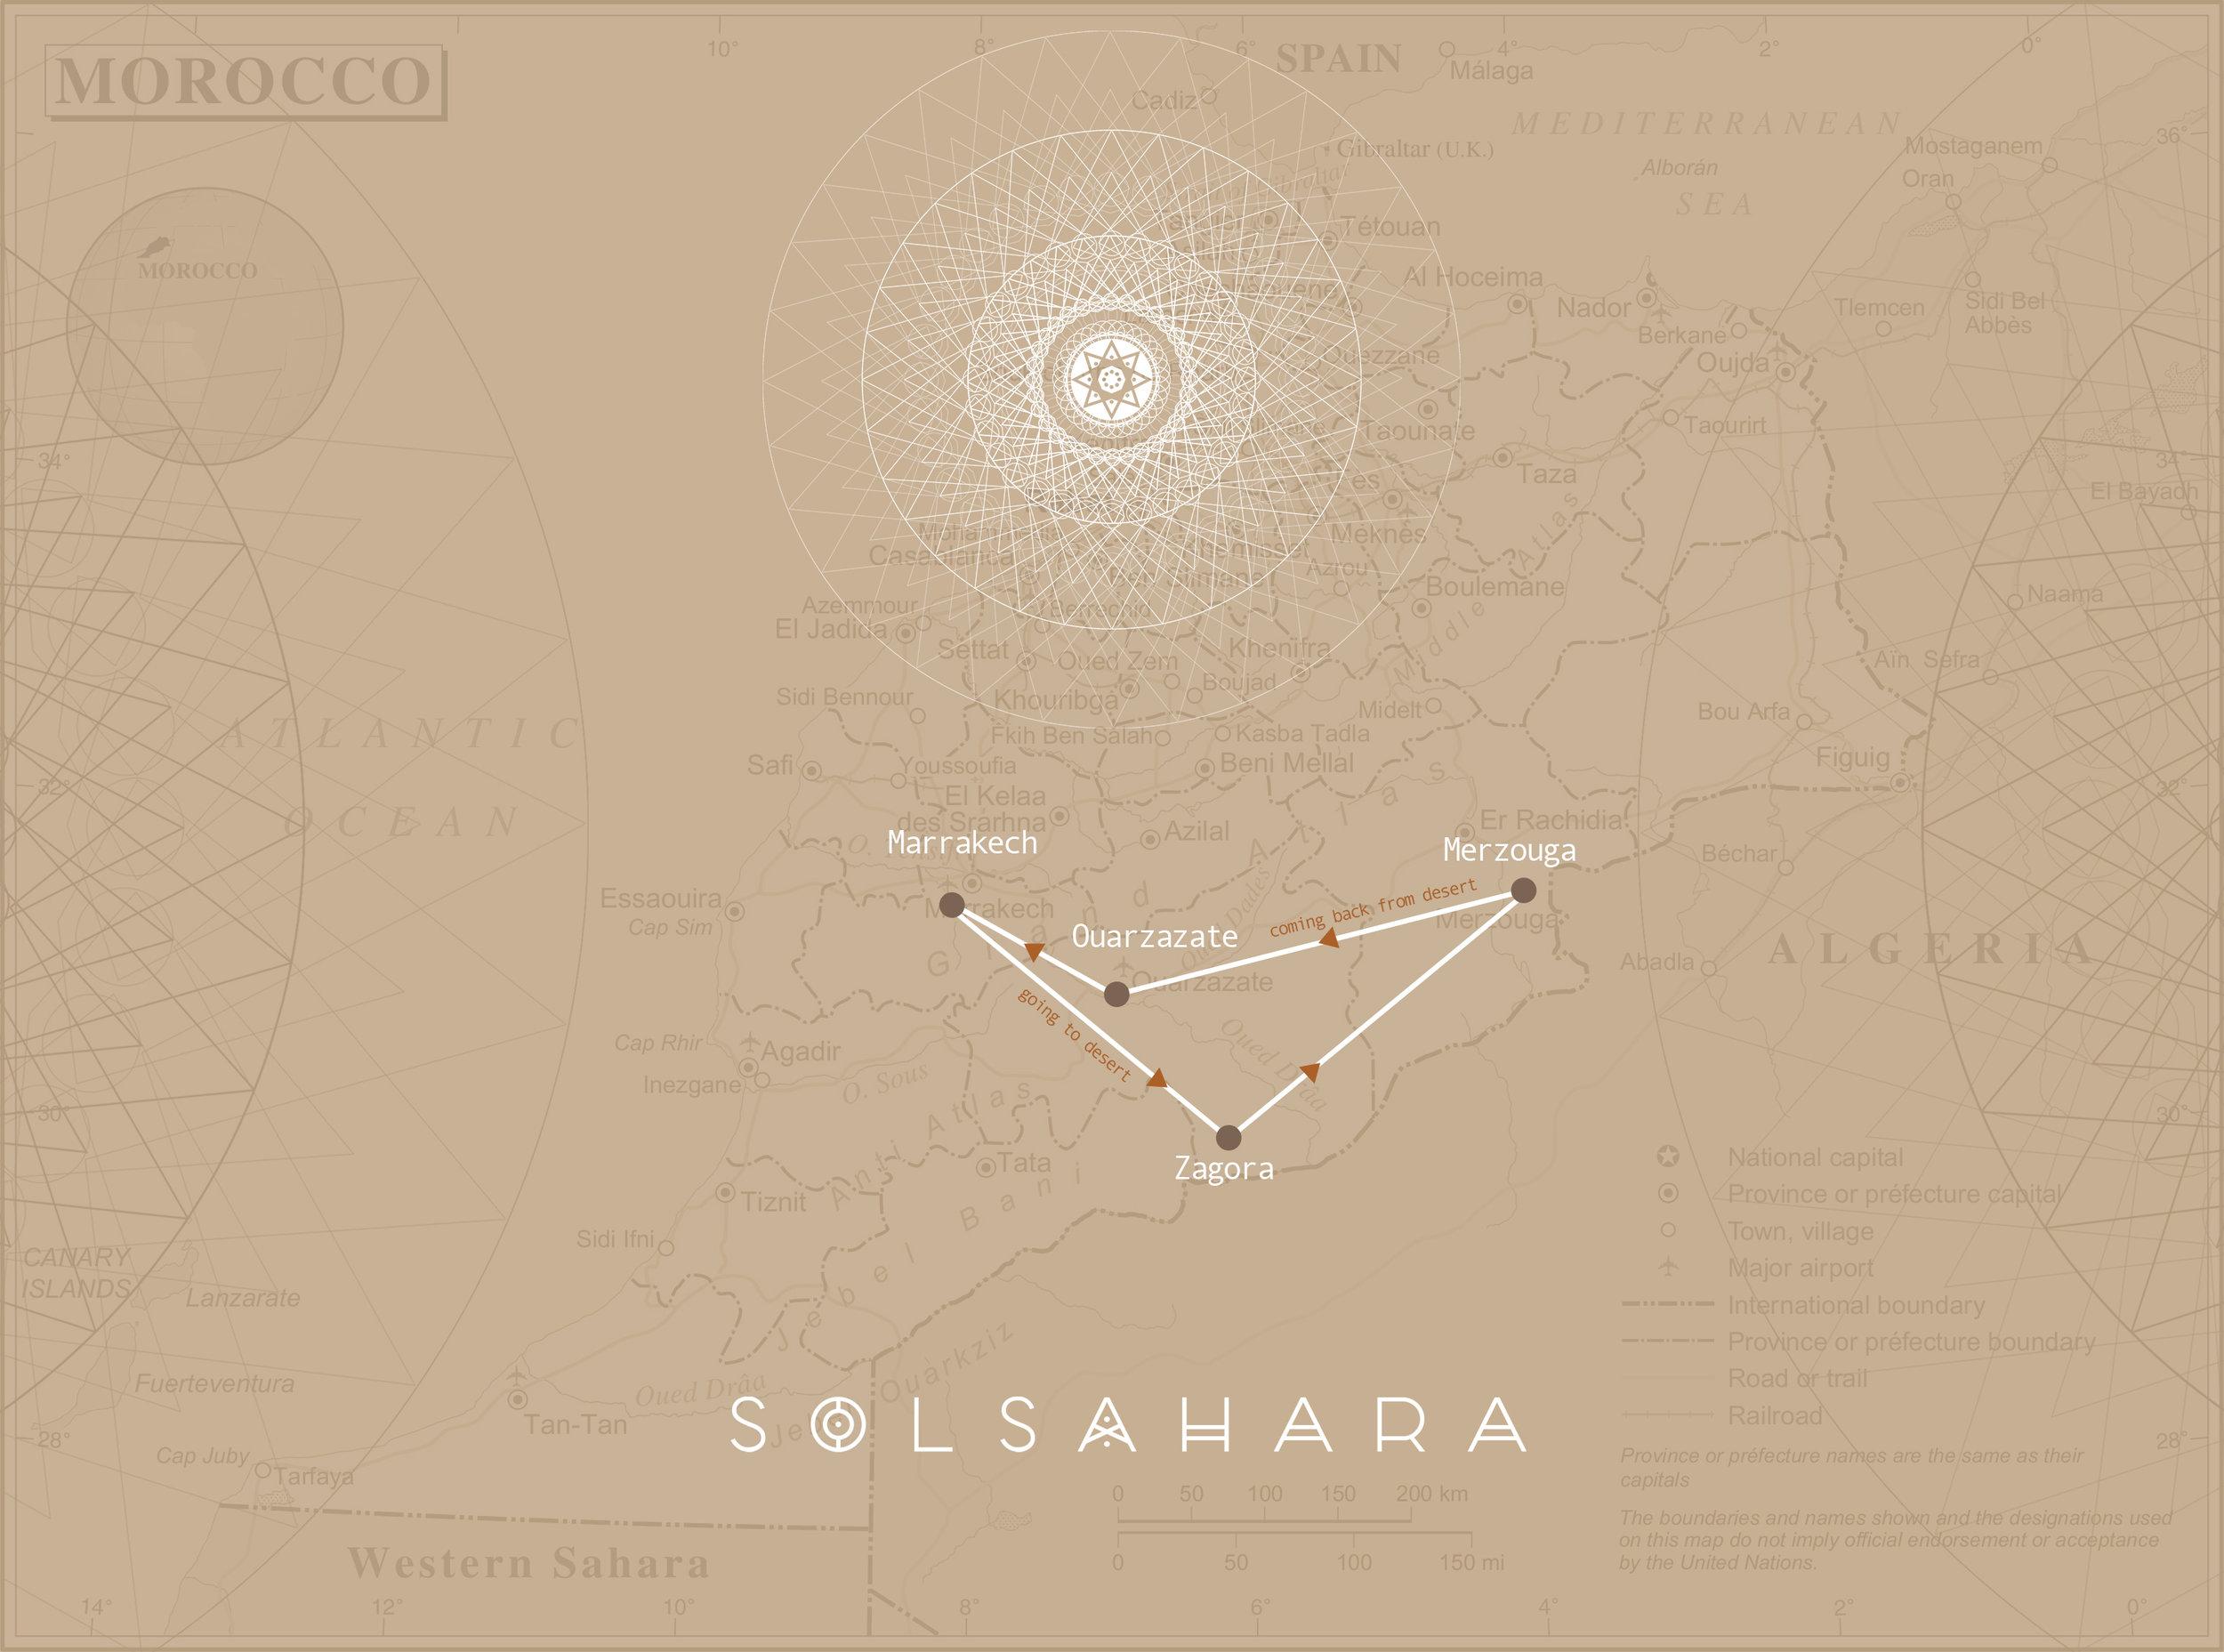 SOLSAHARAMAP_HELIA_JAMALI.jpg